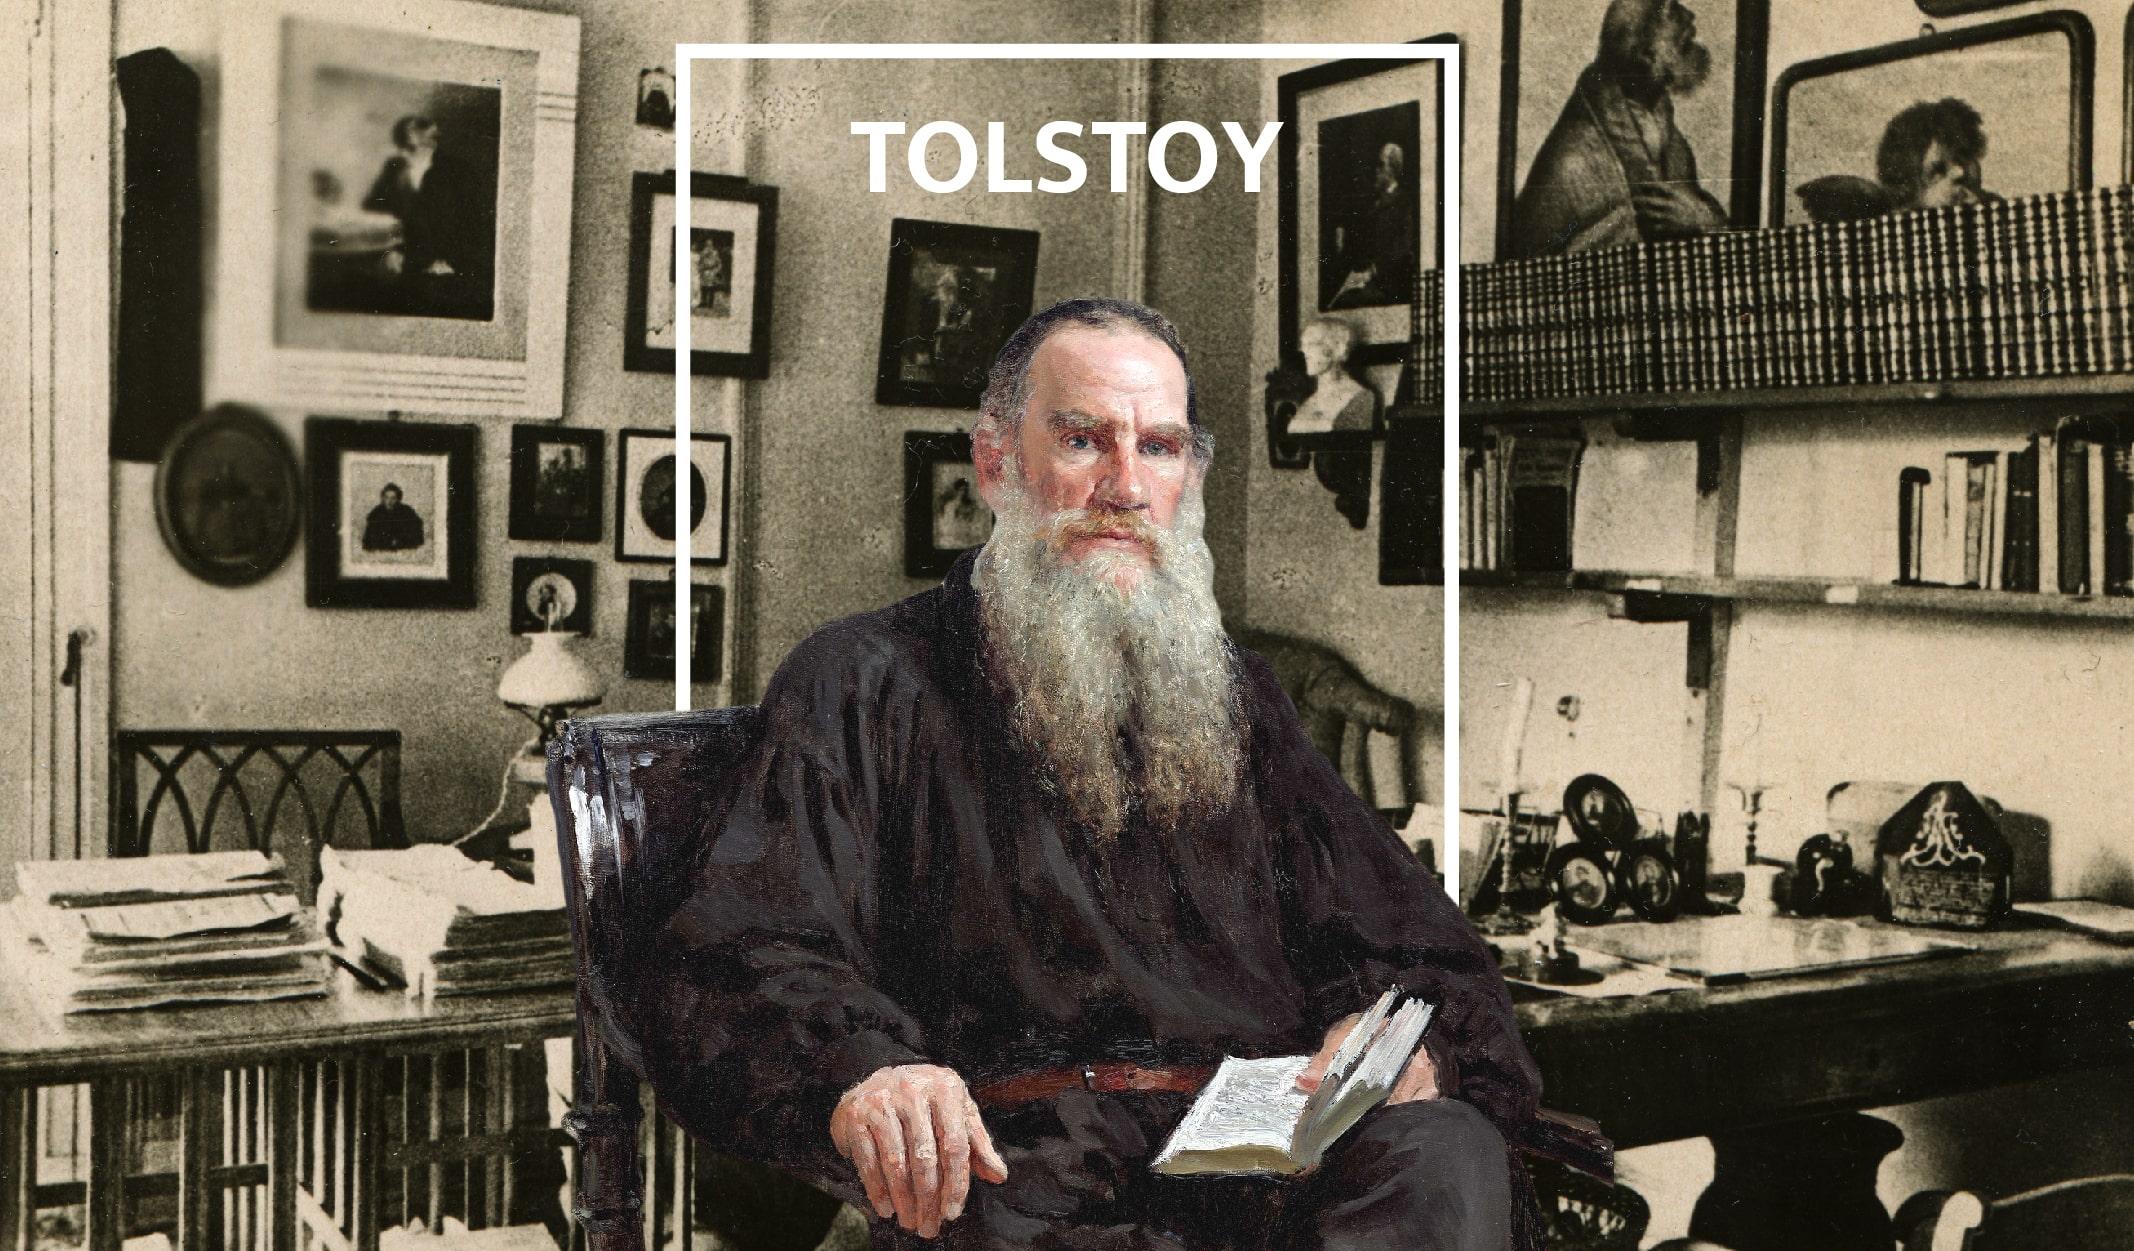 Tolstoy'un arayışı ve Diriliş romanı